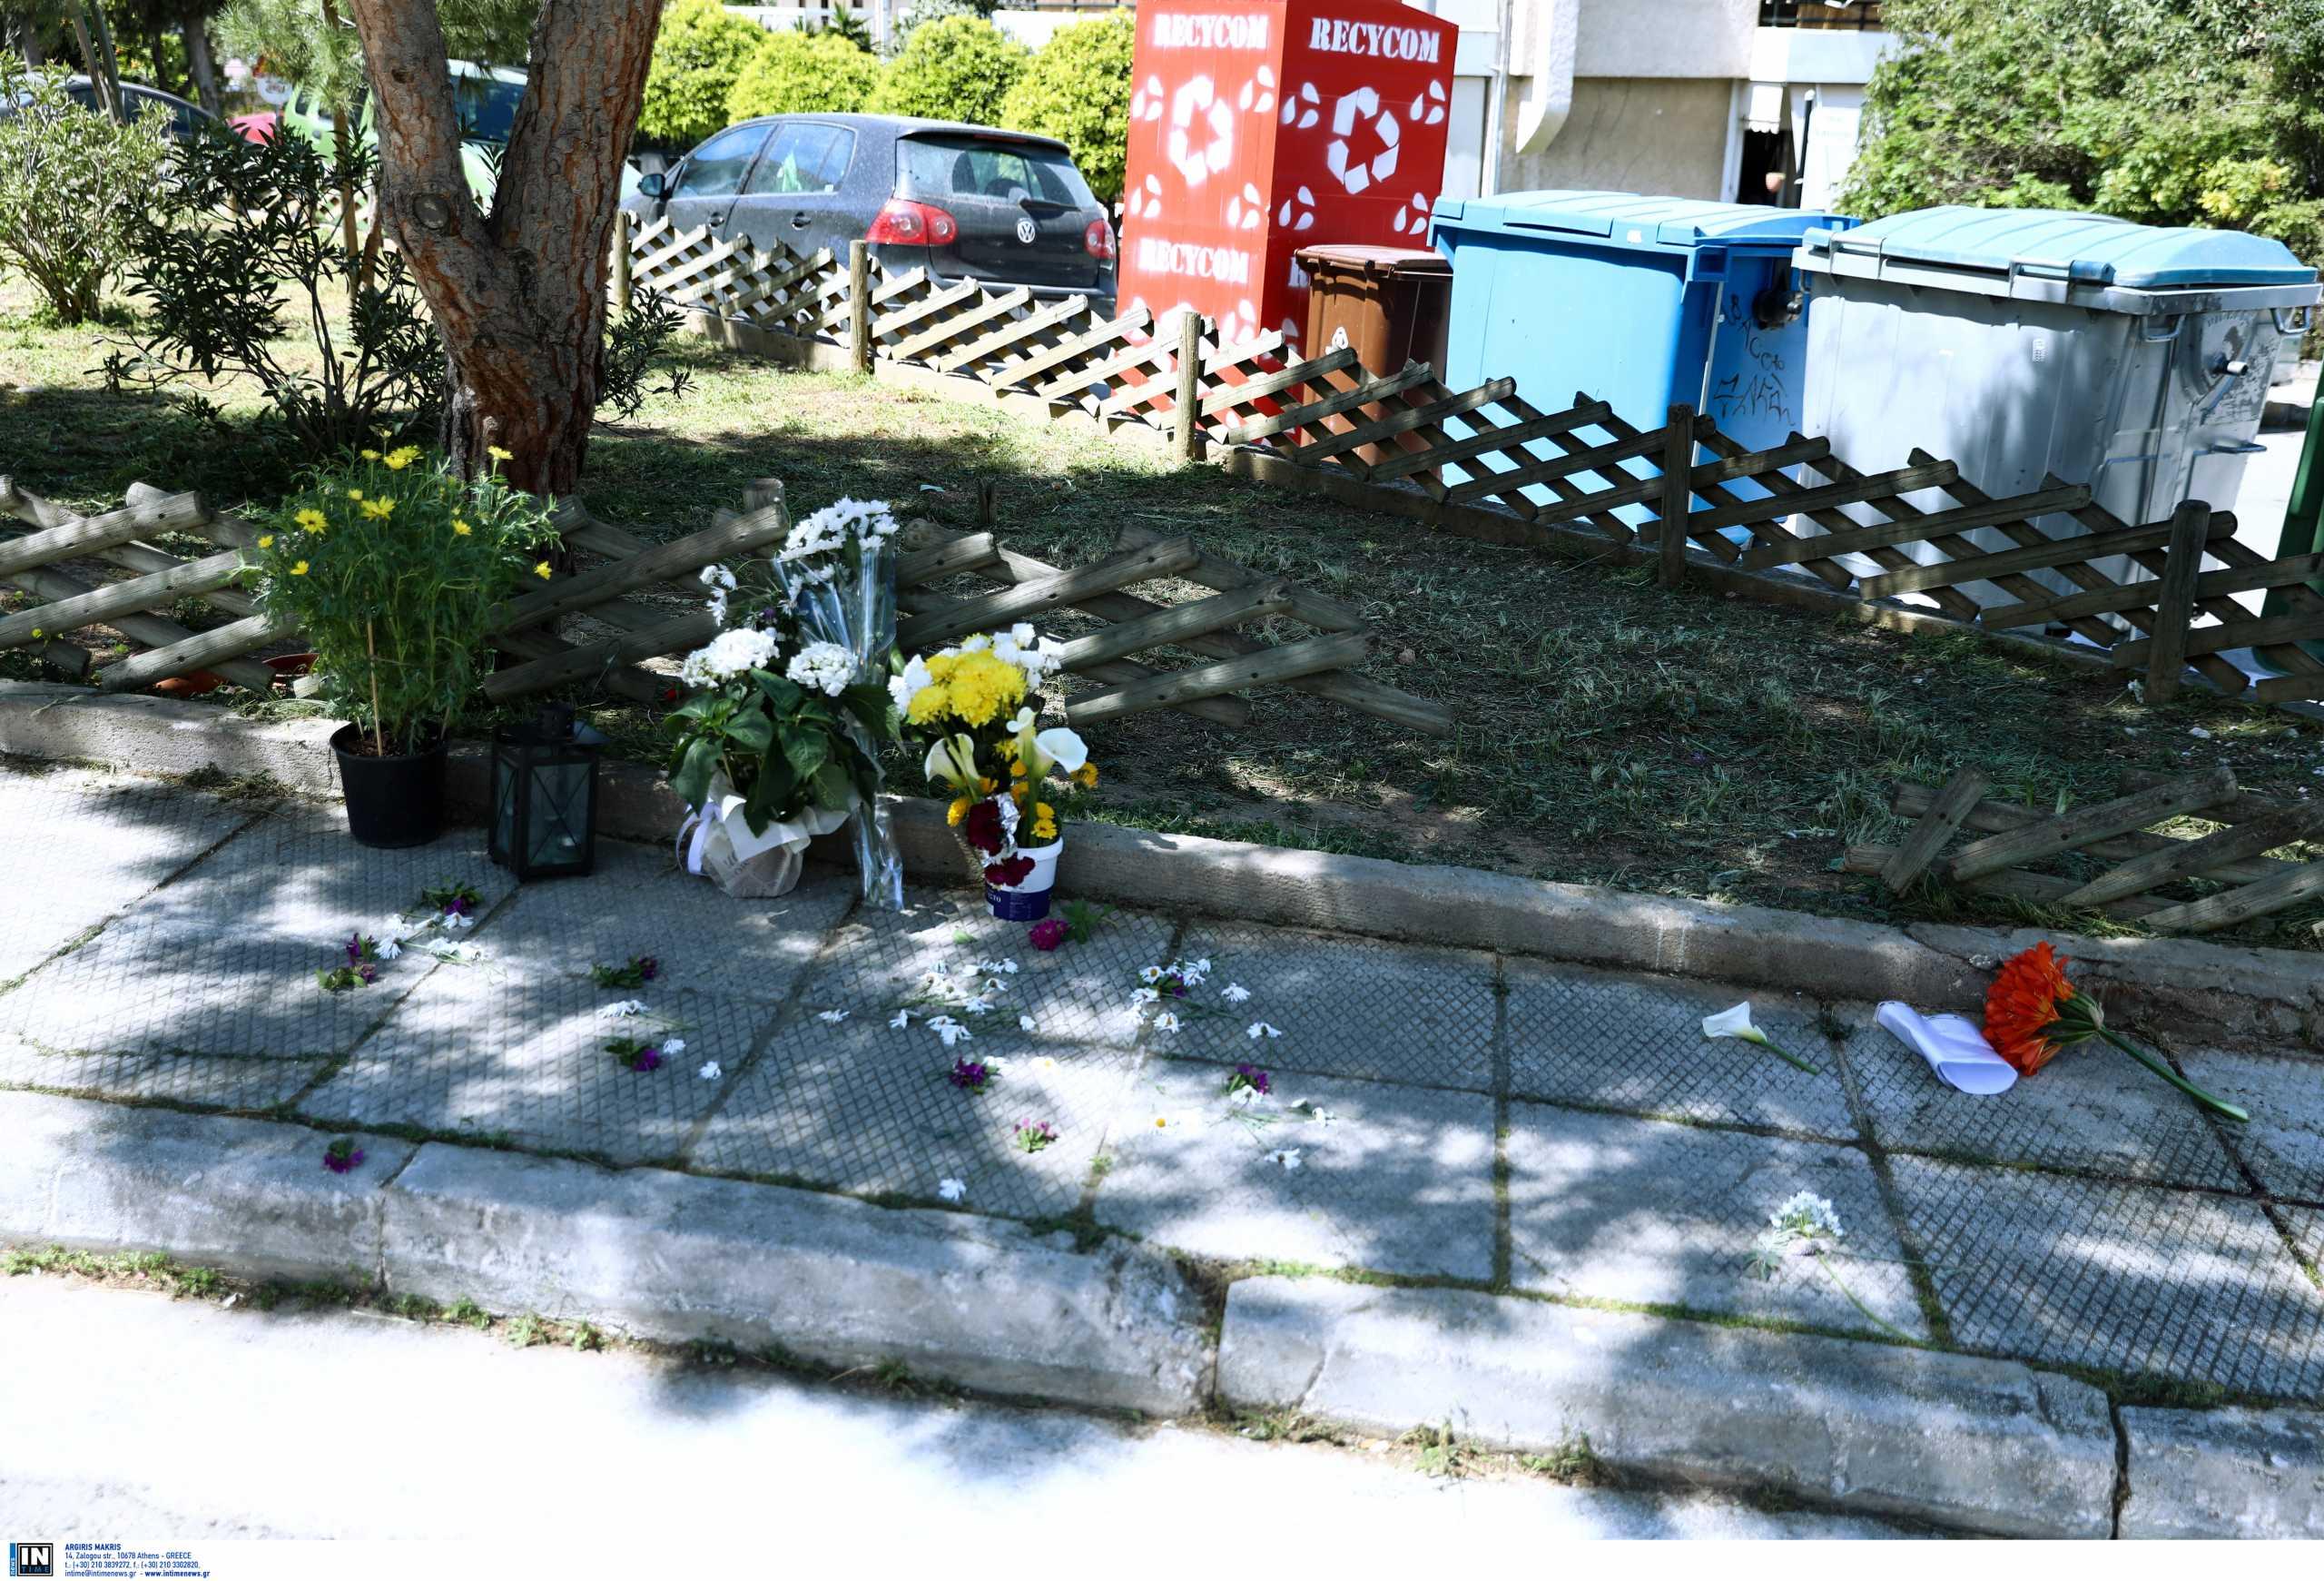 Δολοφονία Καραϊβάζ: Οι δράστες παρακολουθούσαν τον δημοσιογράφο – Πού στρέφονται οι έρευνες